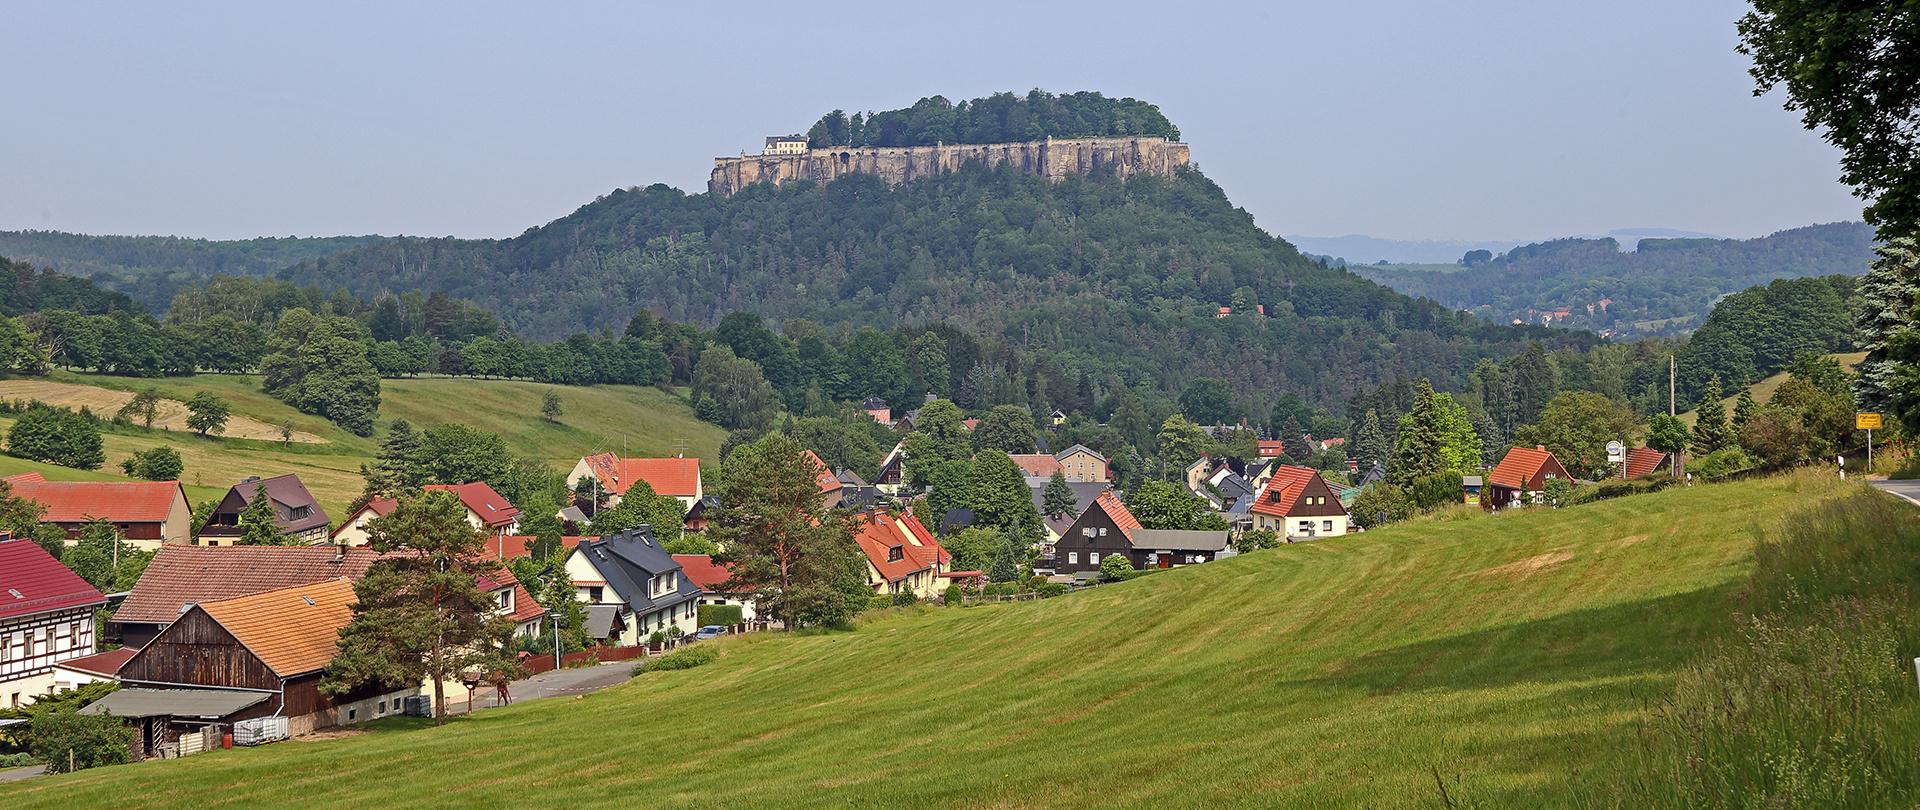 Einen der Klassiker in der Sächsischen Schweiz im Juni aufgenommen